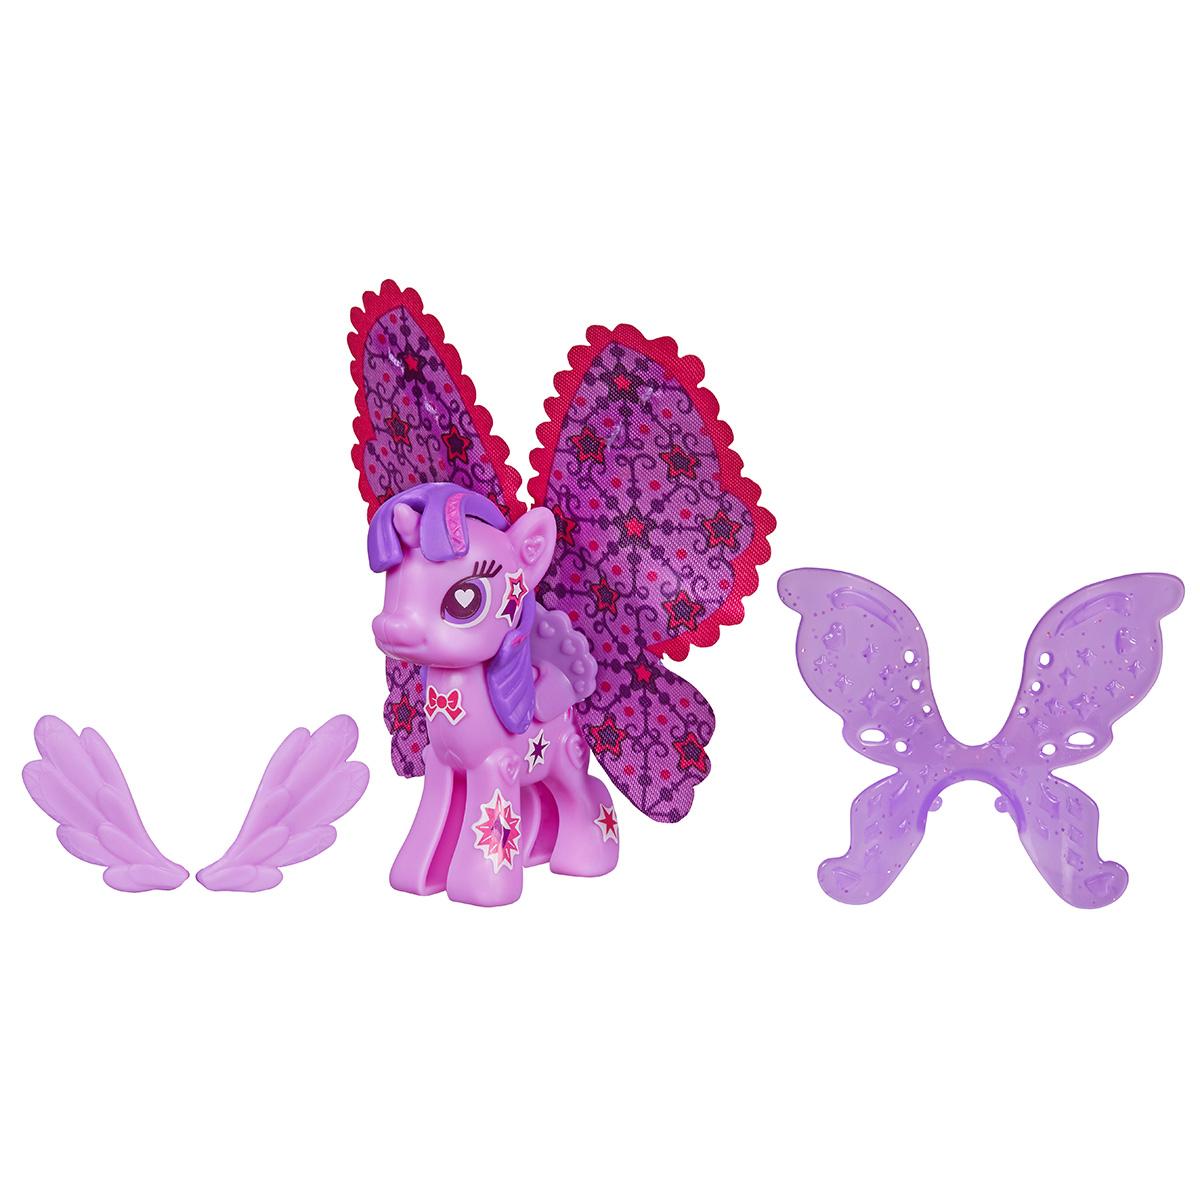 Игровой набор My Little Pony Пони с крыльями, цвет: сиреневыйB3590EU4С помощью игрового набора My Little Pony Пони с крыльями вы соберете любимую лошадку пони Твайлайт Спаркл с шикарными крыльями своими руками, создав ей неповторимый стиль! В наборе находится все необходимое: каркас лошадки, половинки которого необходимо соединить между собой, грива, хвостик, несколько видов крыльев - от маленьких до огромных, а еще красочные наклейки, которыми можно украшать крылышки или туловище лошадки. На получившуюся фигурку пони нужно поочередно прикрепить детали набора, а затем украсить получившуюся лошадку разноцветными блестящими наклейками, эффектно дополняющими образ. Фигурки, детали и даже аксессуары из других наборов серии Создай свою пони My Little Pony совместимы между собой. Собрав всю серию конструкторов можно комбинировать прически, крылья, аксессуары и наклейки разных лошадок, создавая по-настоящему уникальные игрушки!